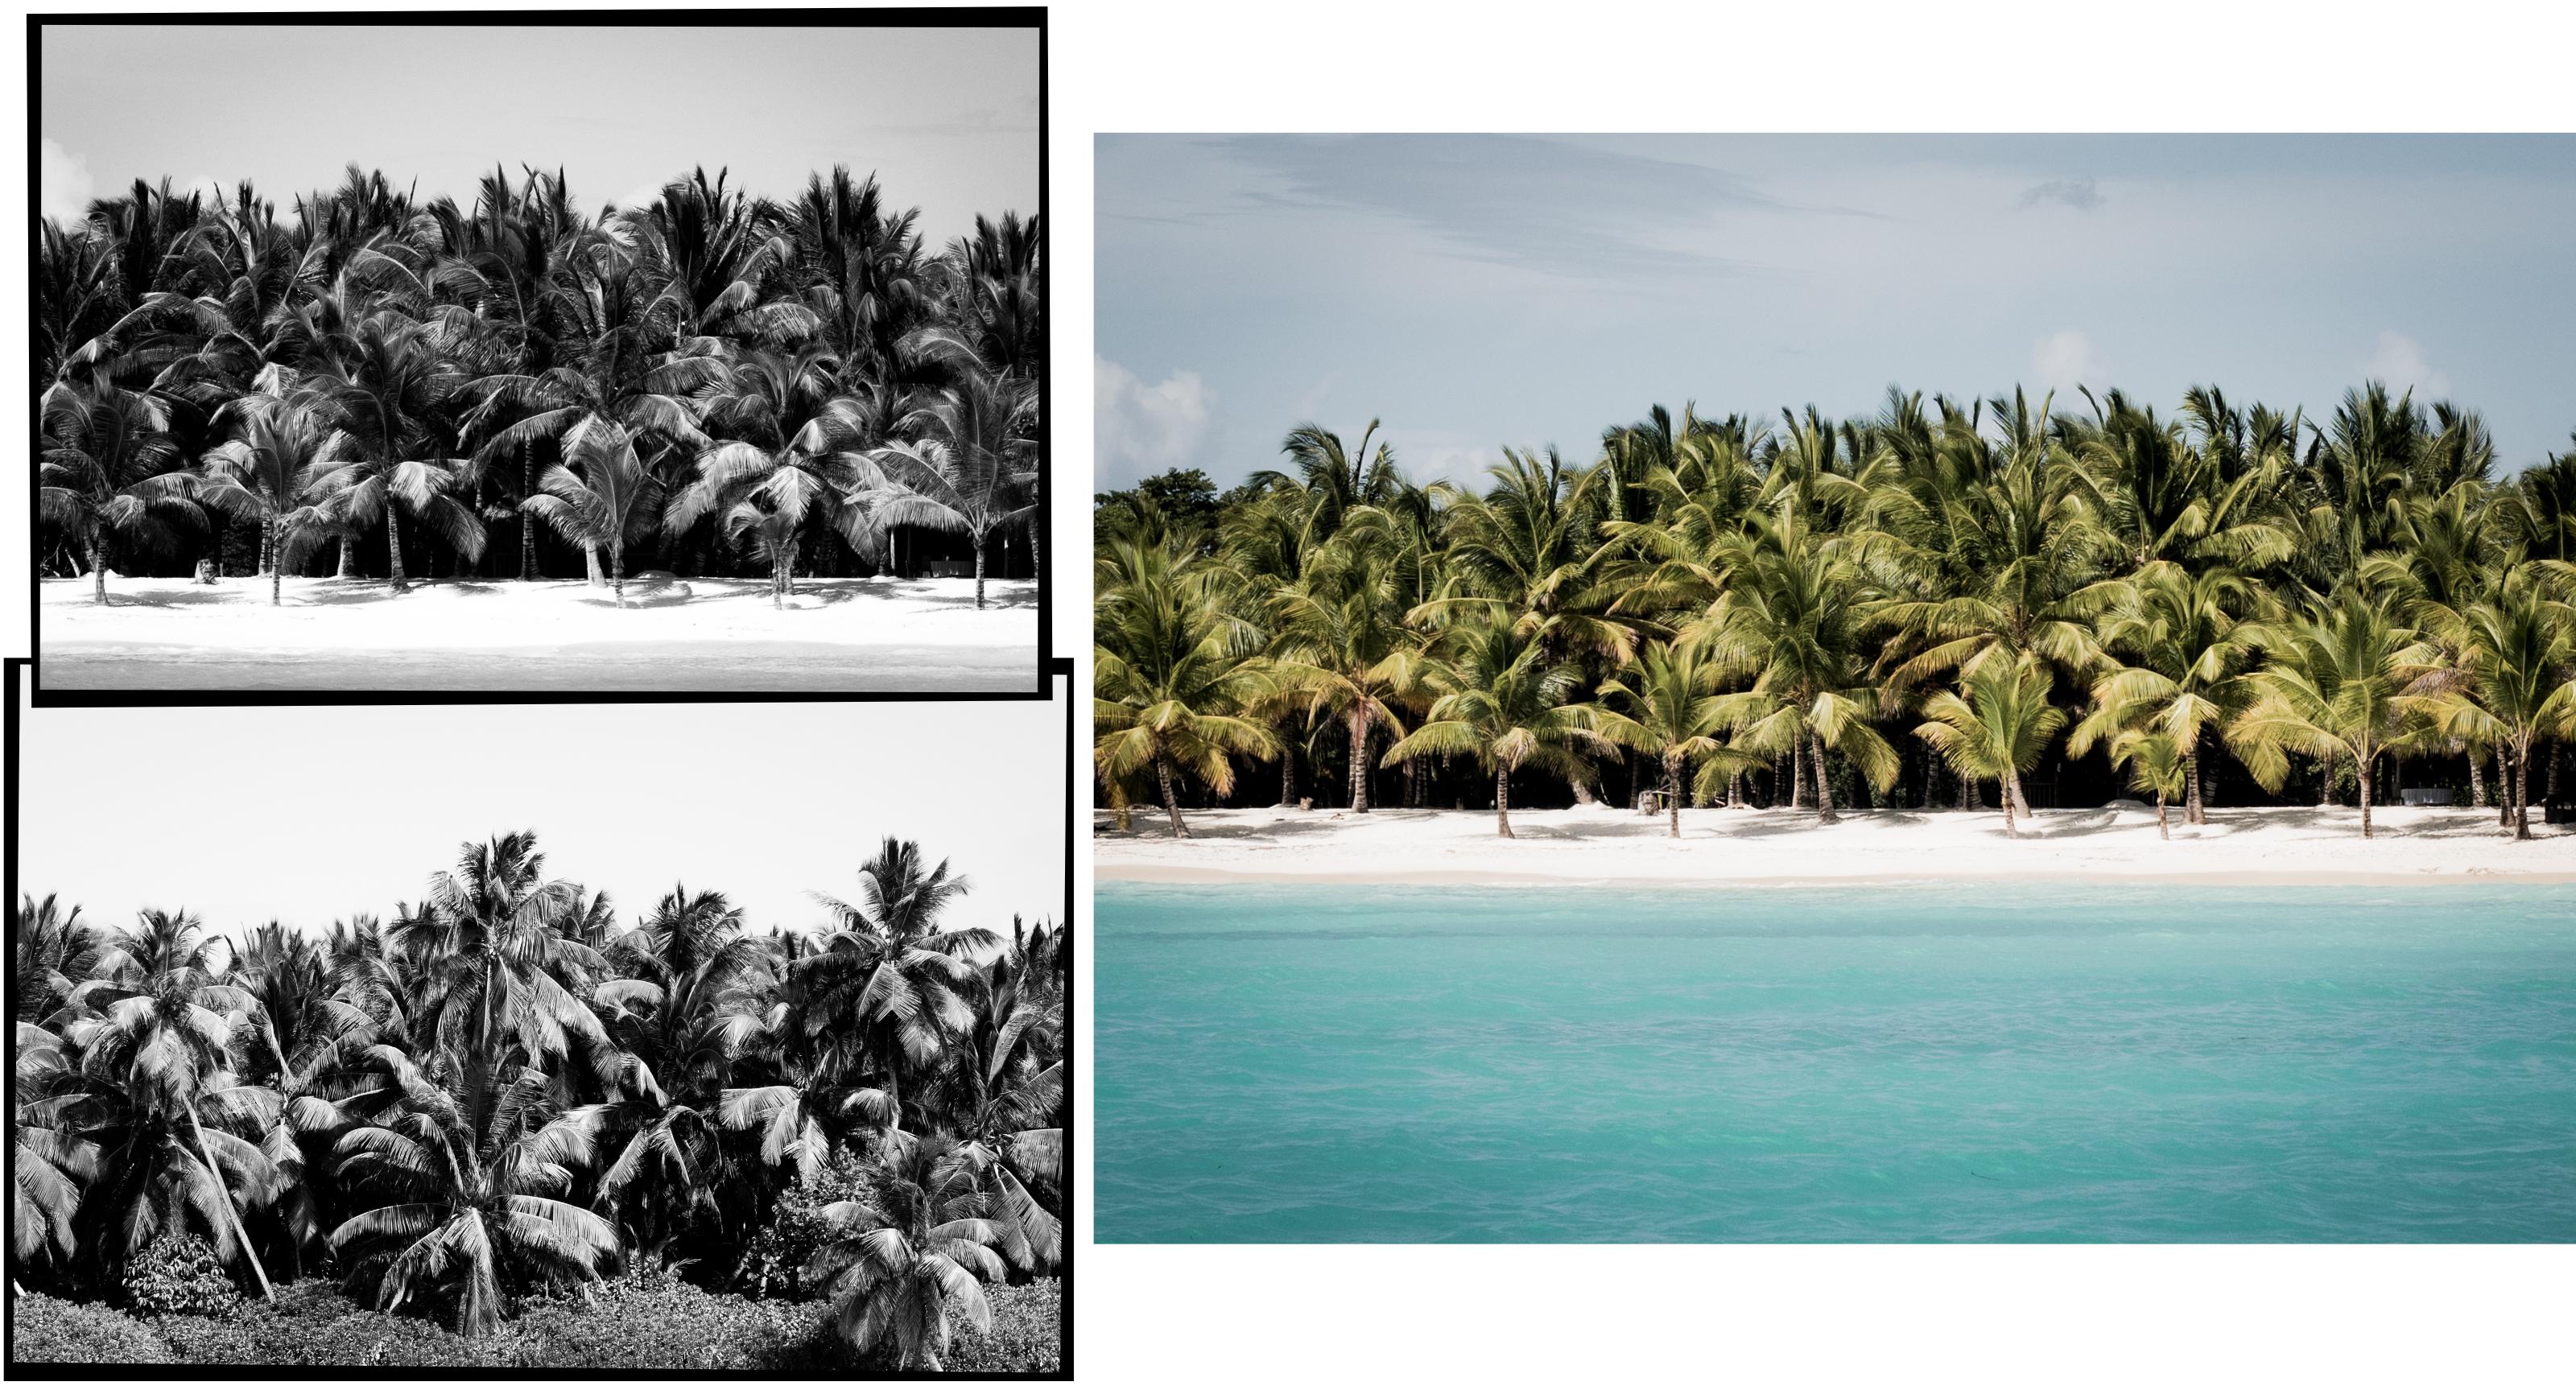 voyage caraibes-saona republique dominicaine - excursion en bateau à saona